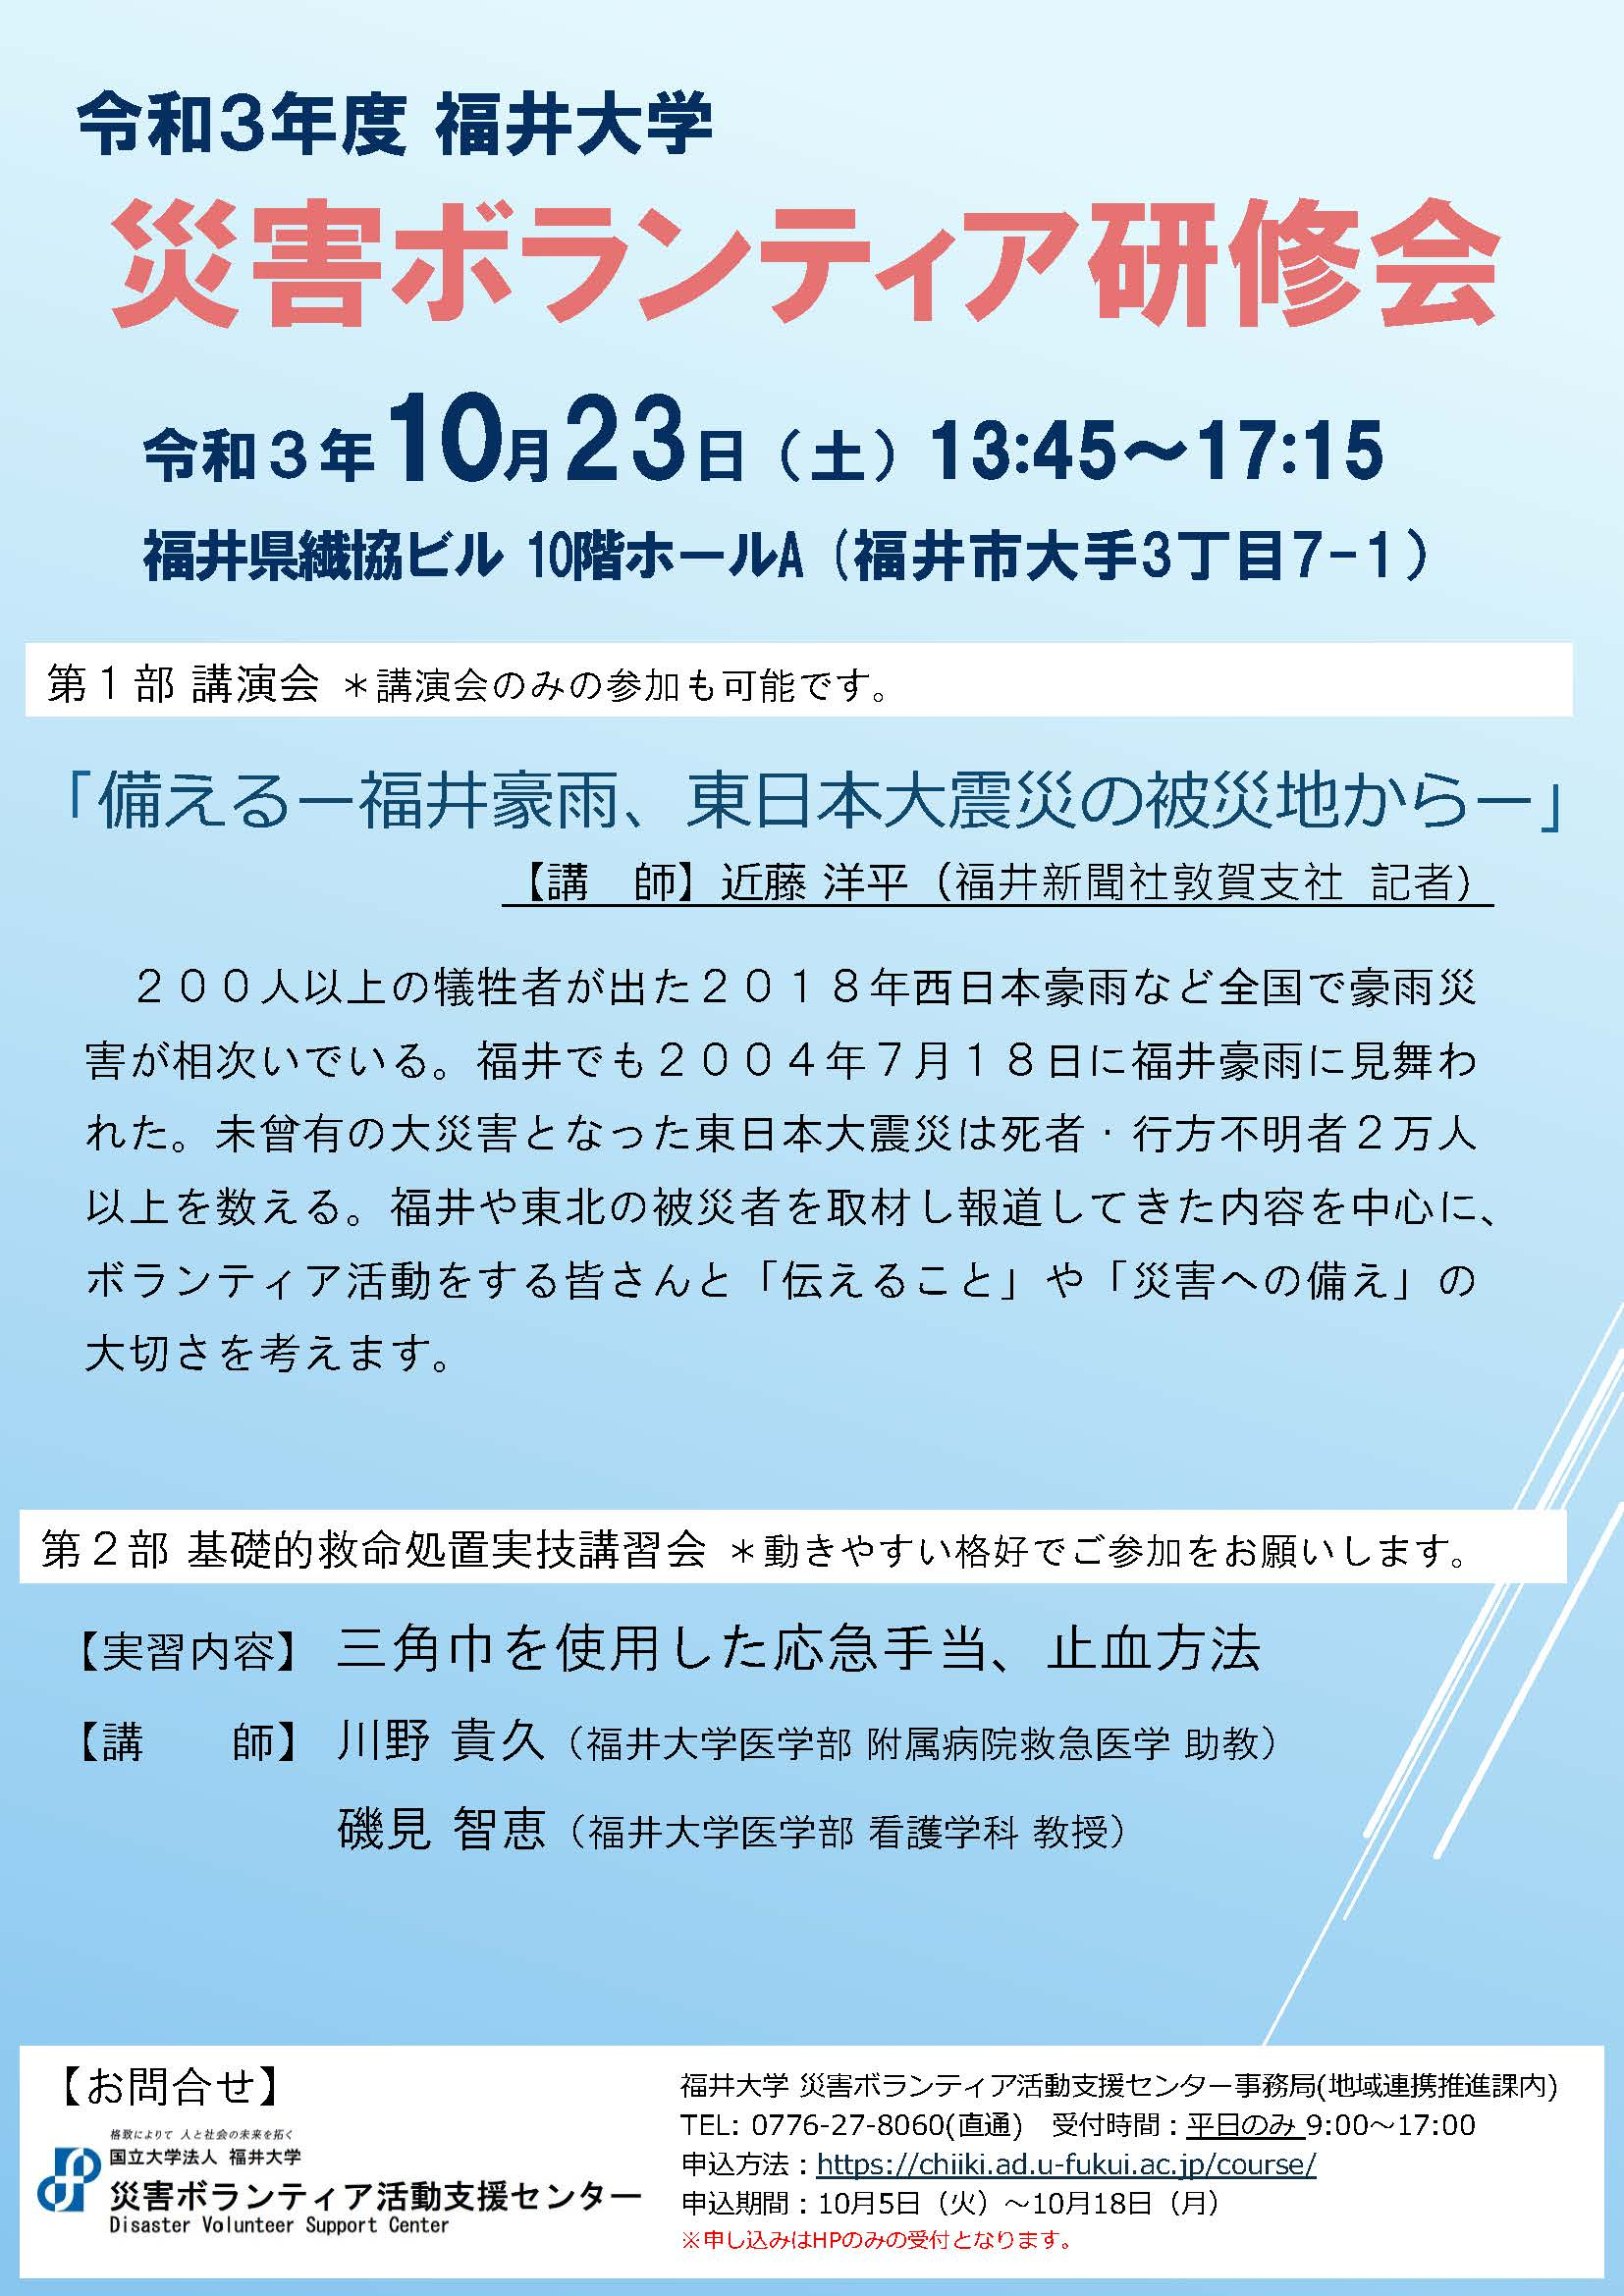 令和3年度 福井大学災害ボランティア研修会